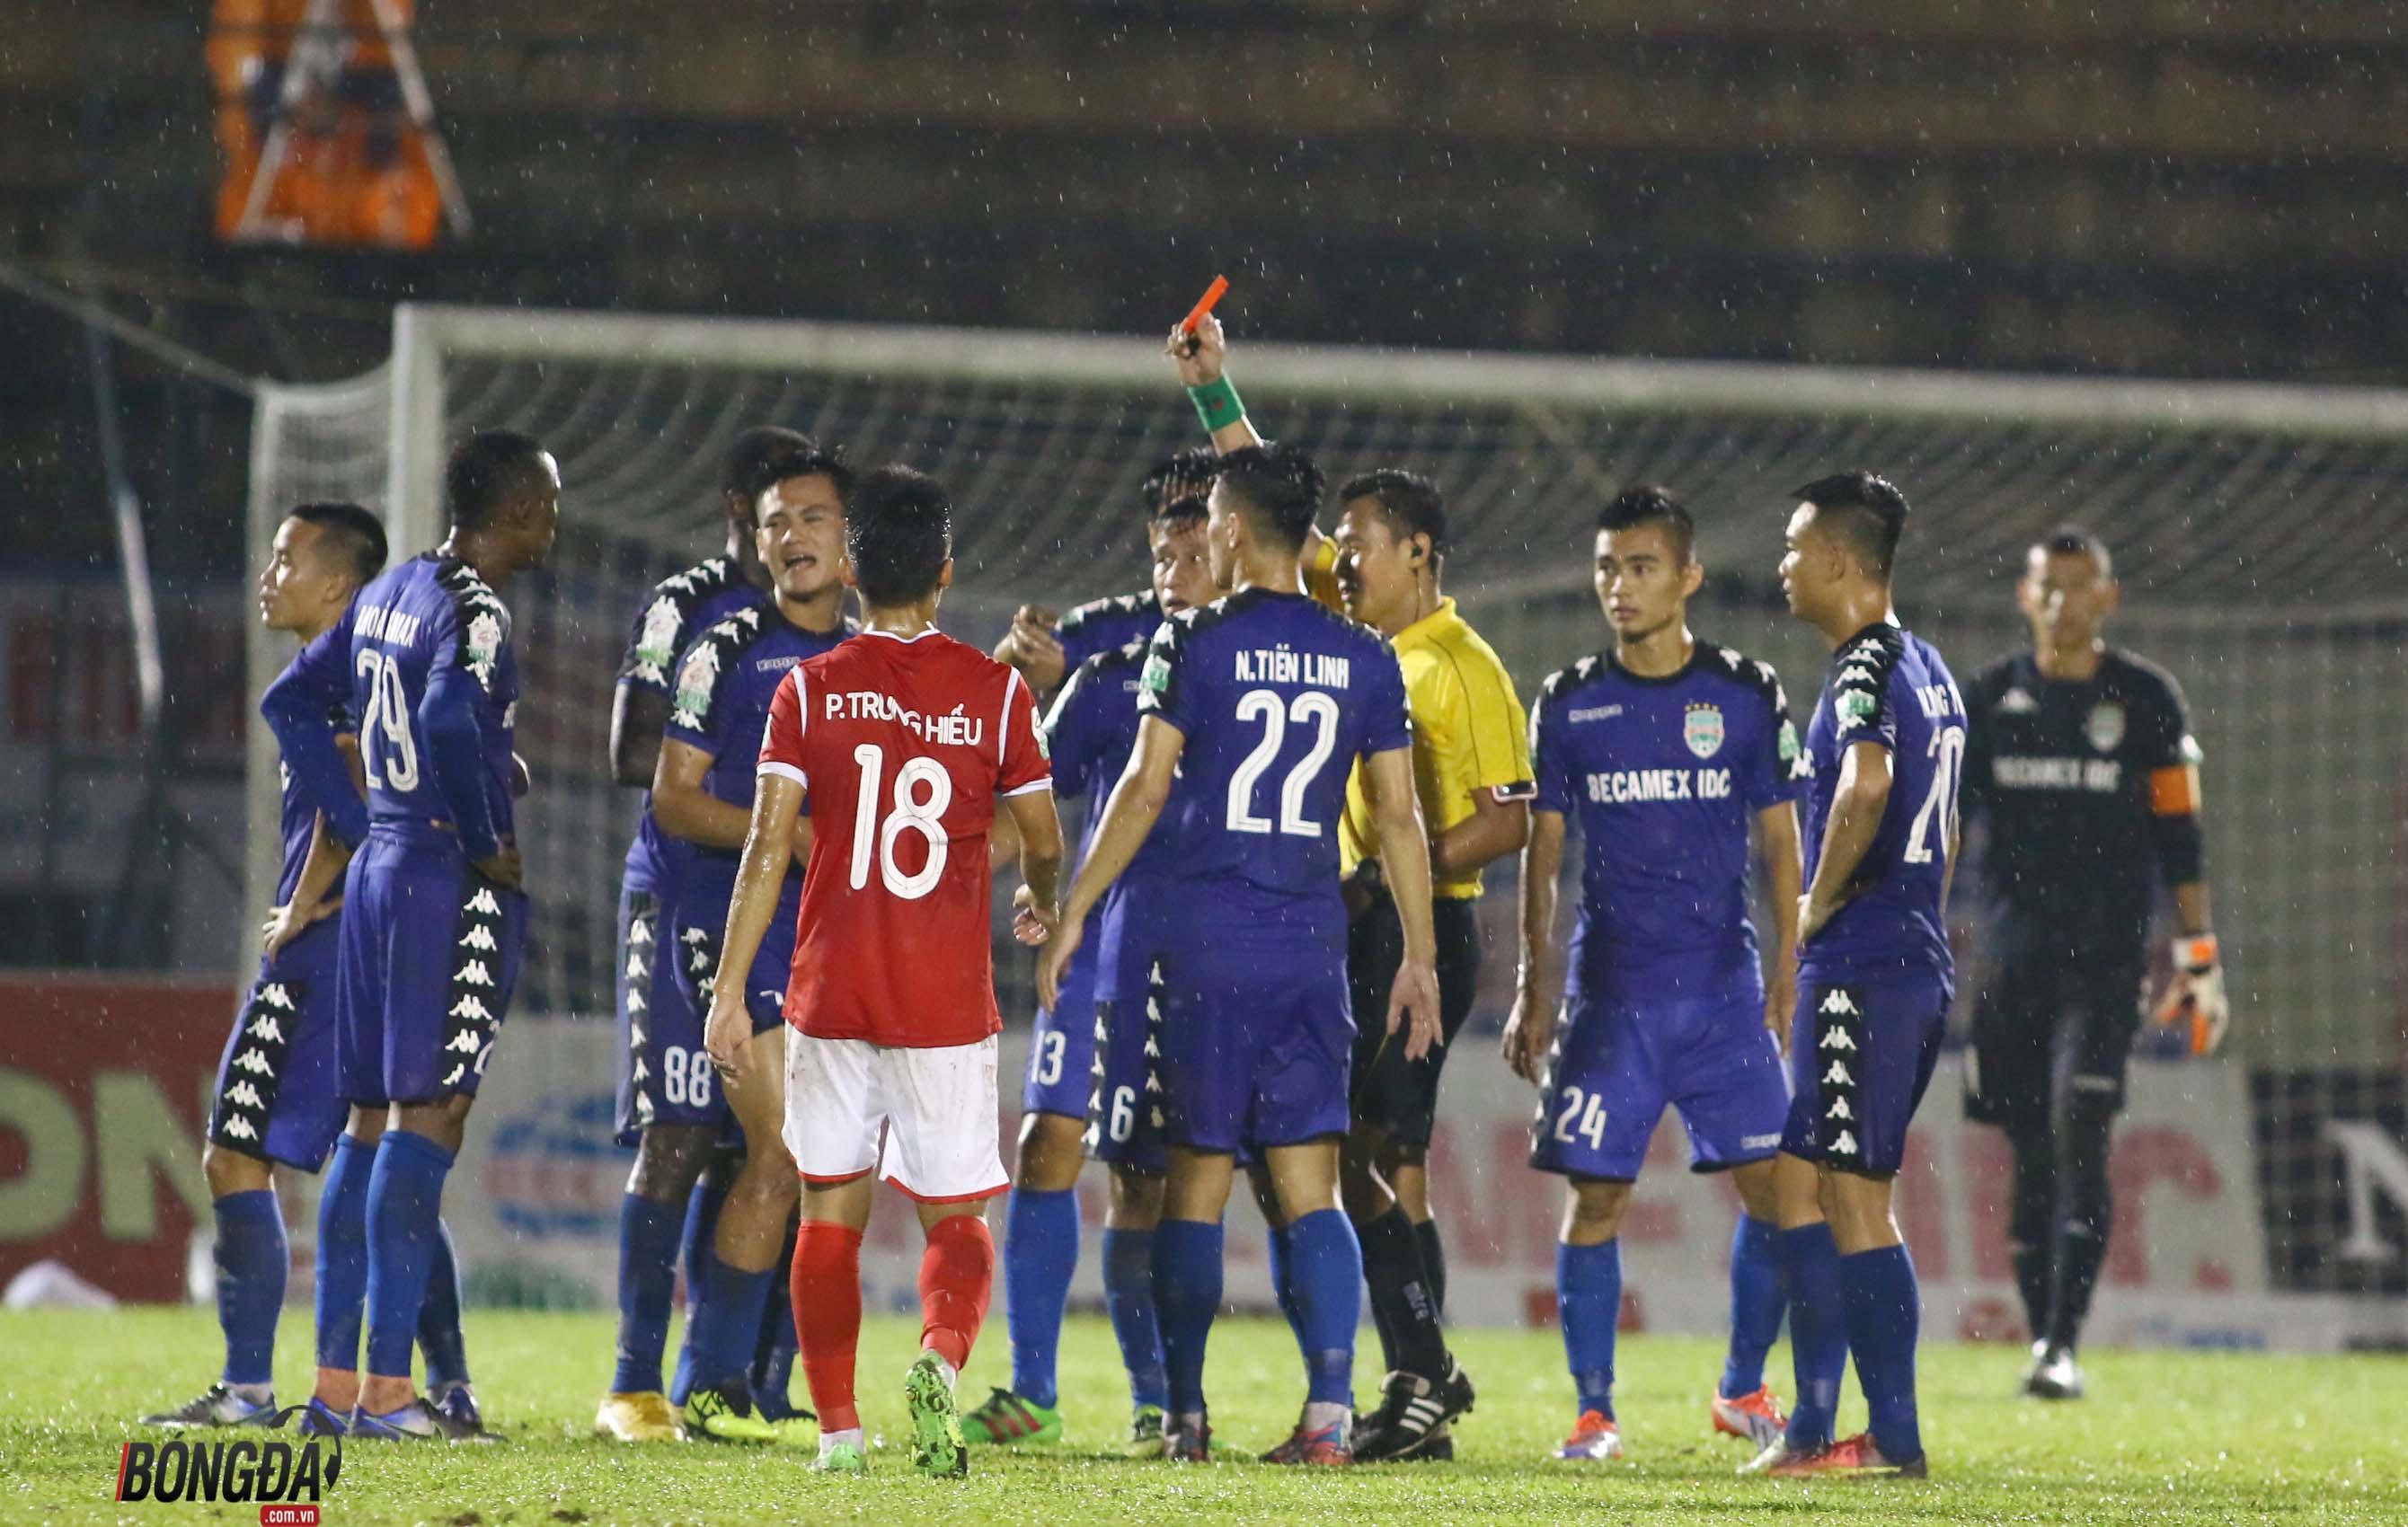 SỐC: Trọng tài quên rút thẻ đỏ, Bình Dương mất chiến thắng trên sân Gò Đậu - Bóng Đá